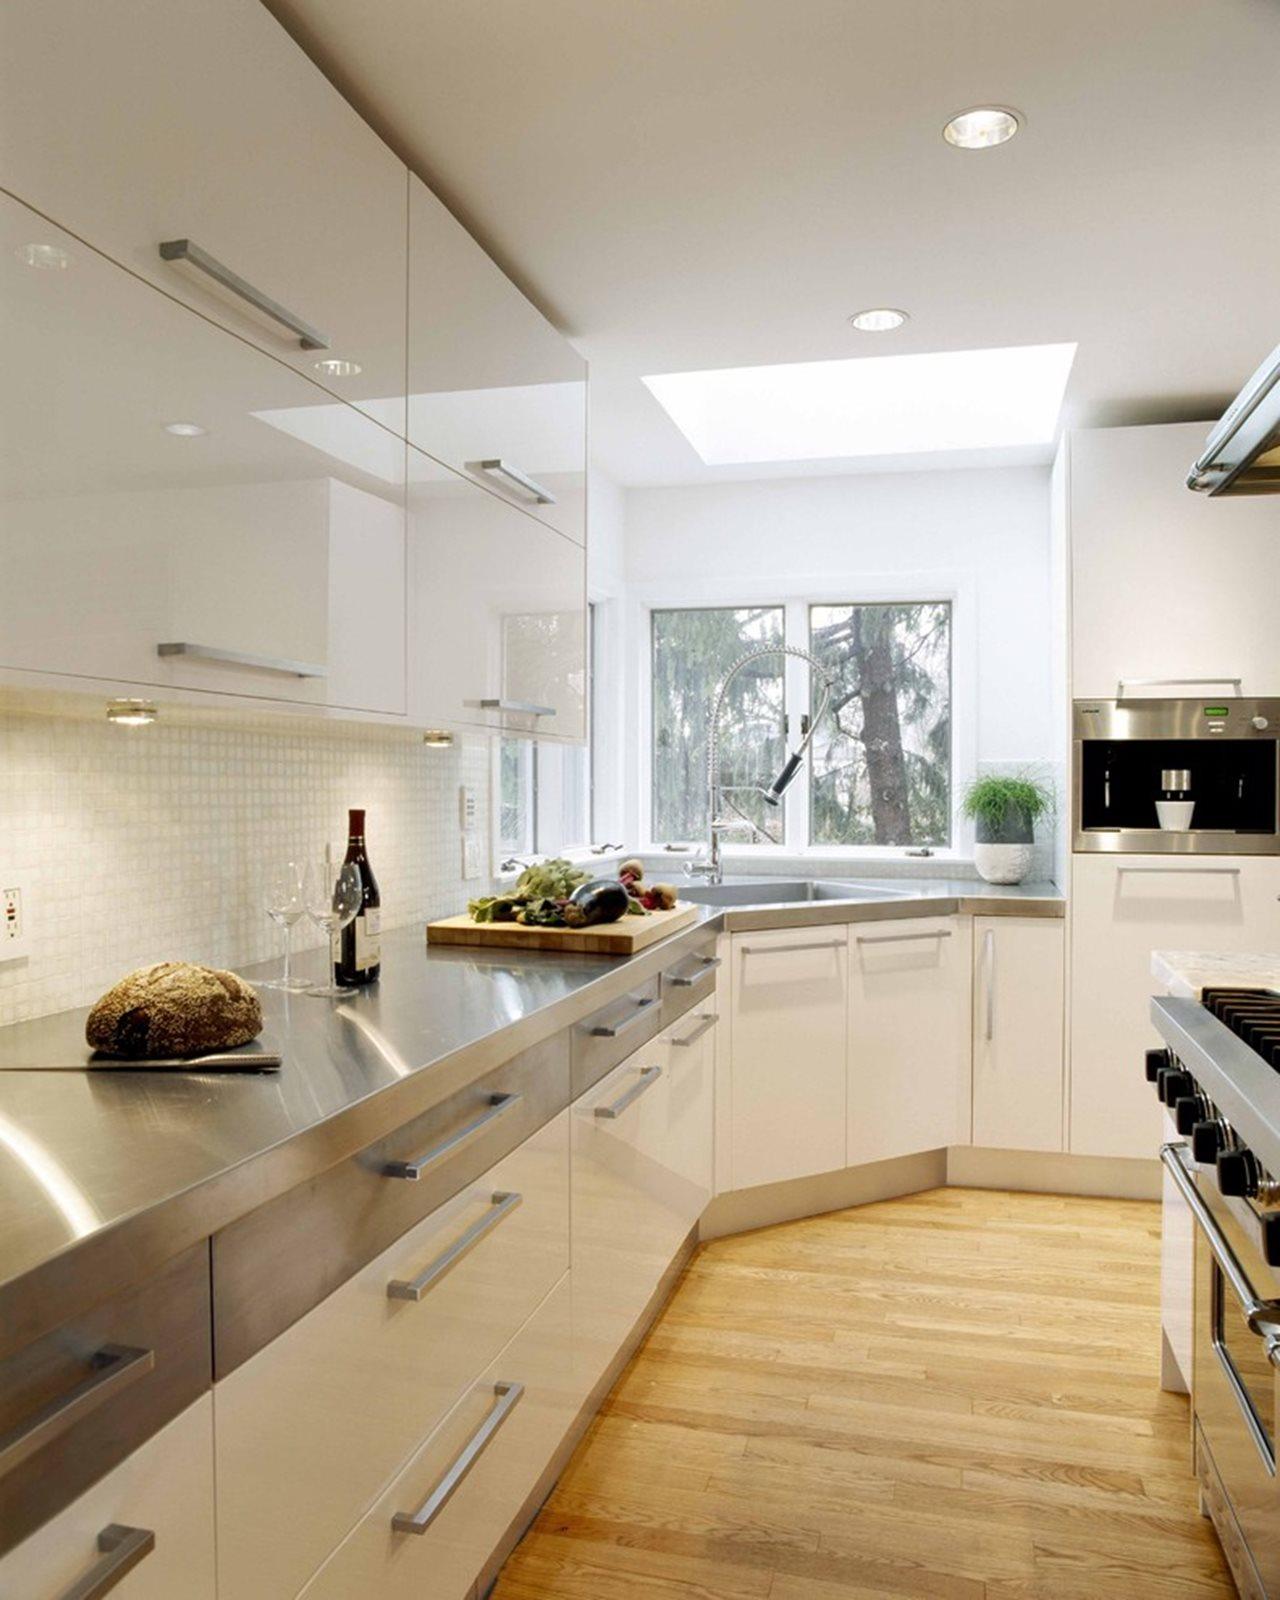 Кухня с зеркальным белым фасадом, дополненная хромированной столешницей и фурнитурой